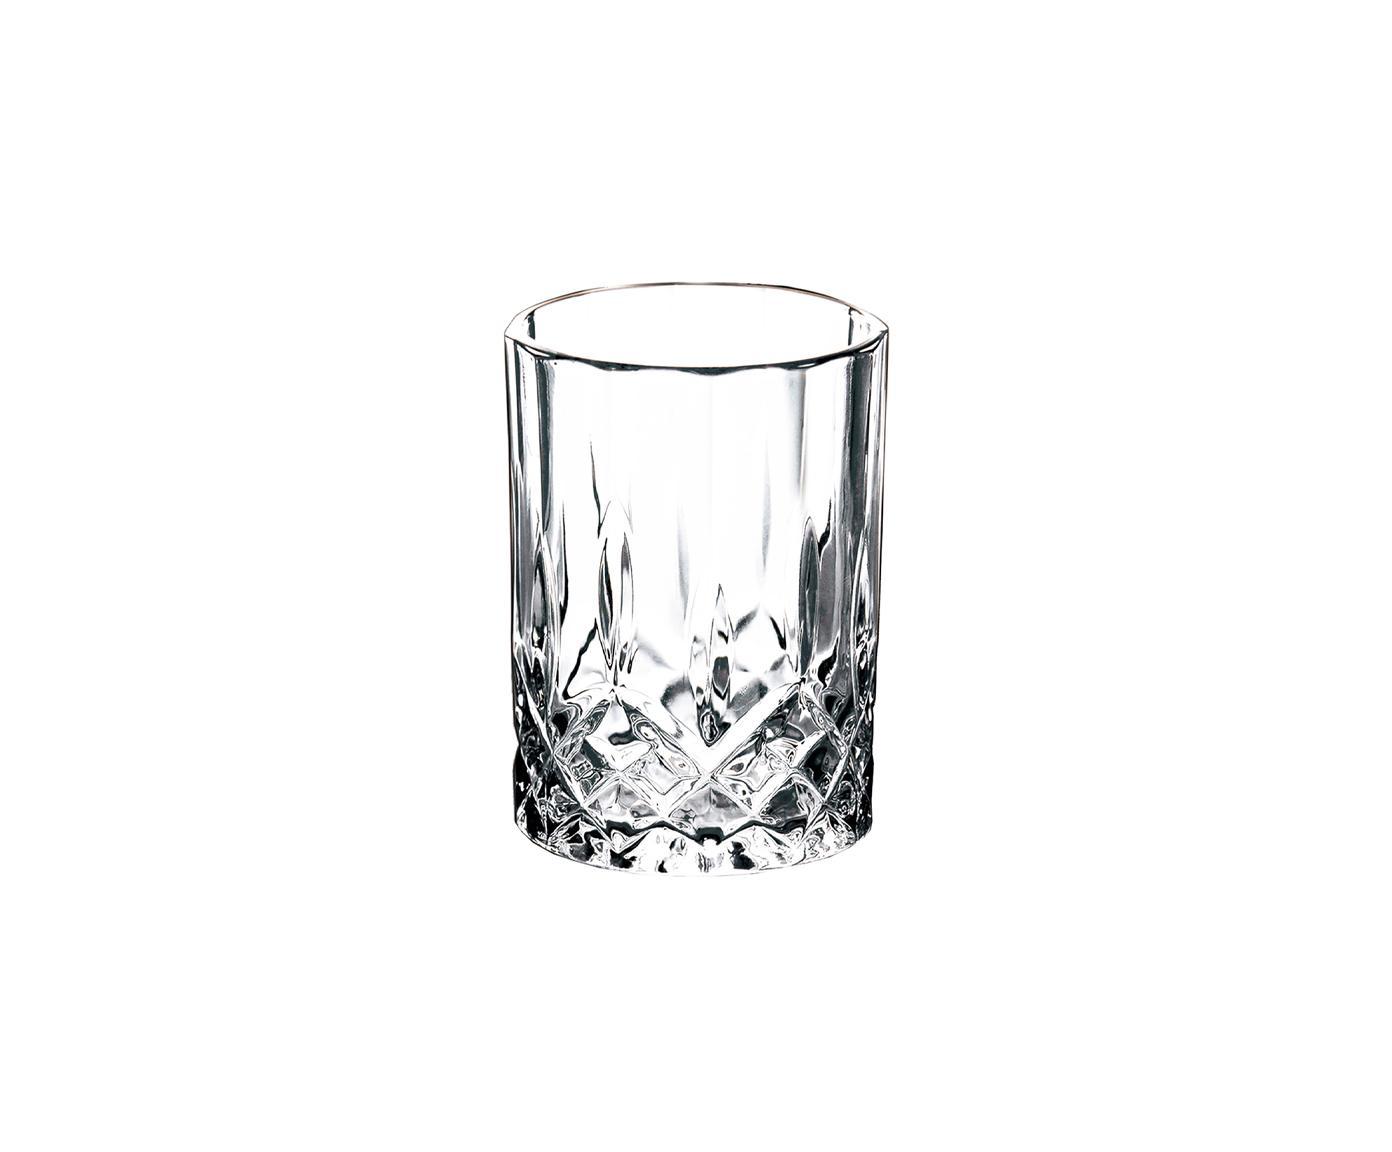 Shotgläser Harvey mit Reliefmuster, 4er-Set, Glas, Transparent, Ø 4 x H 6 cm